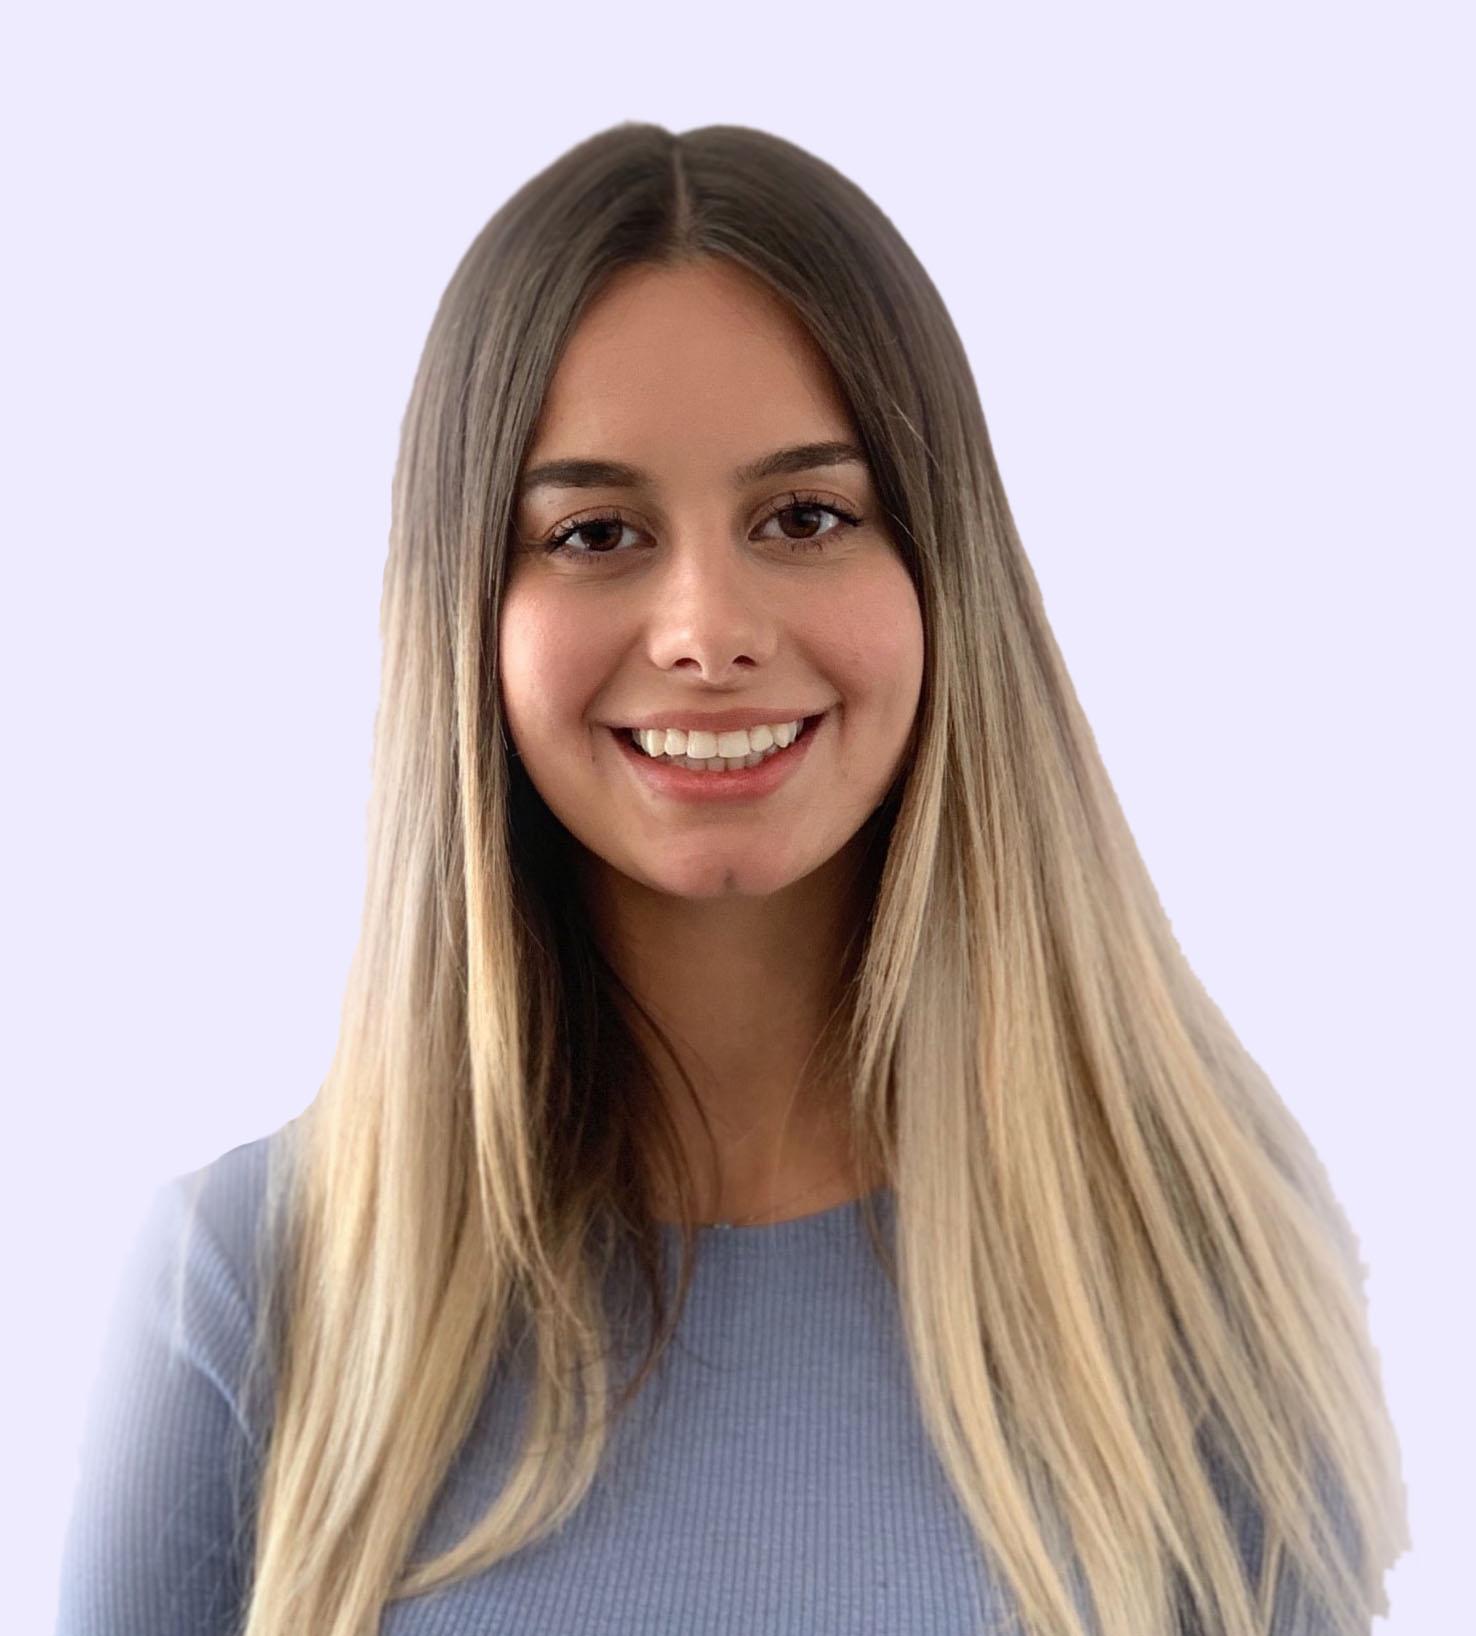 Sarah Cronauer